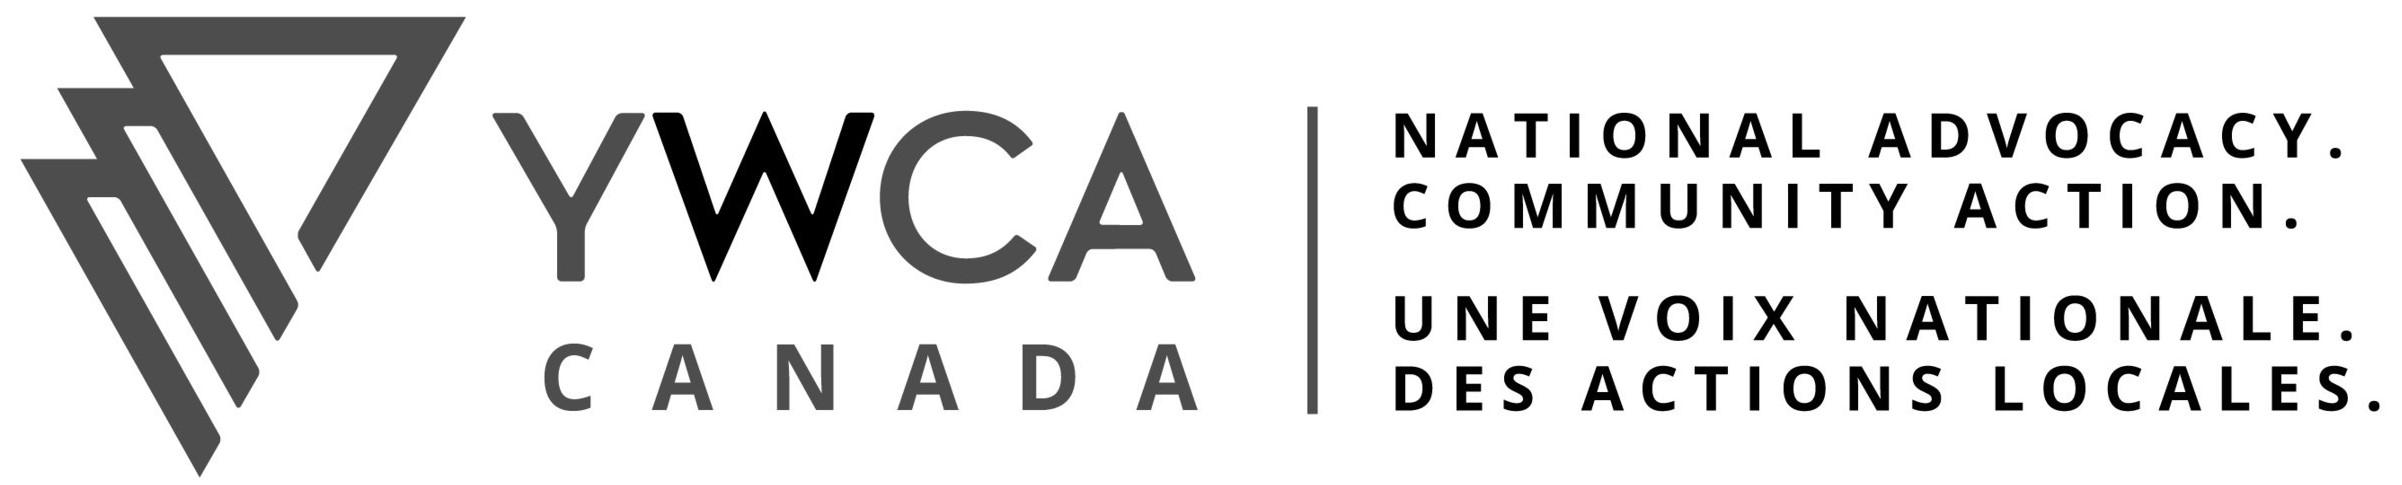 YWCA Canada logo